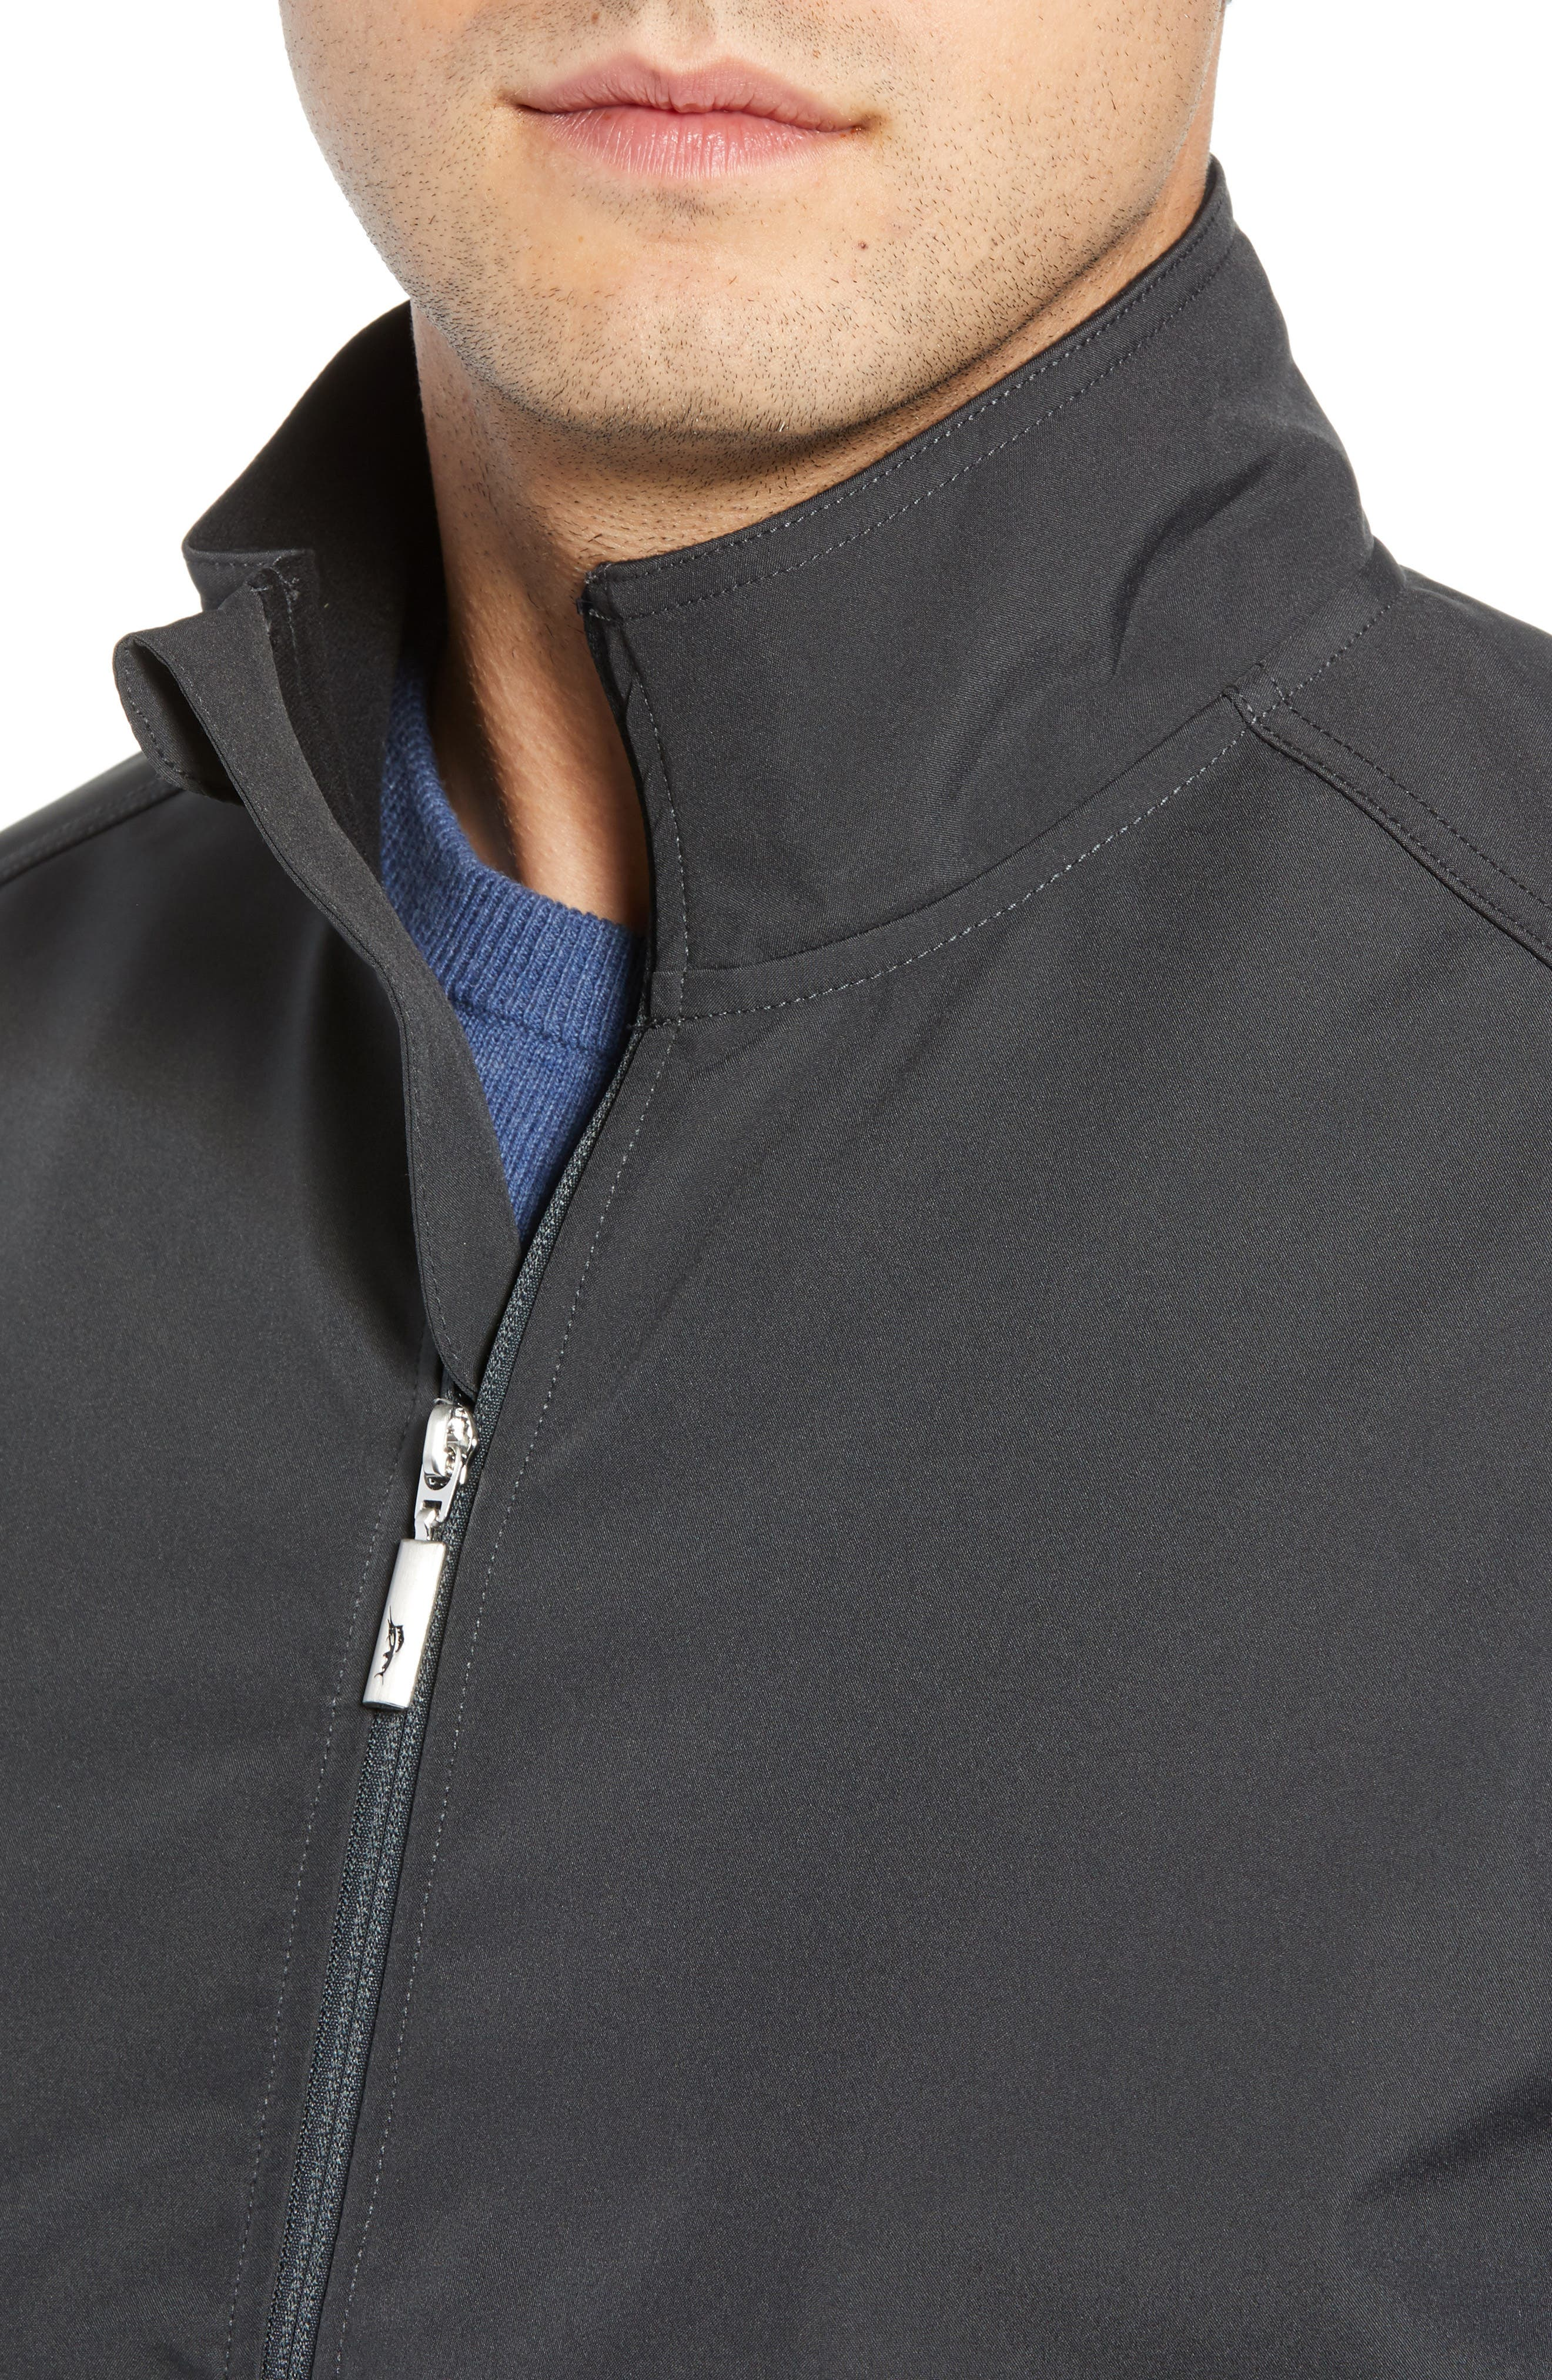 Ace Flier Zip Jacket,                             Alternate thumbnail 4, color,                             ASH GREY